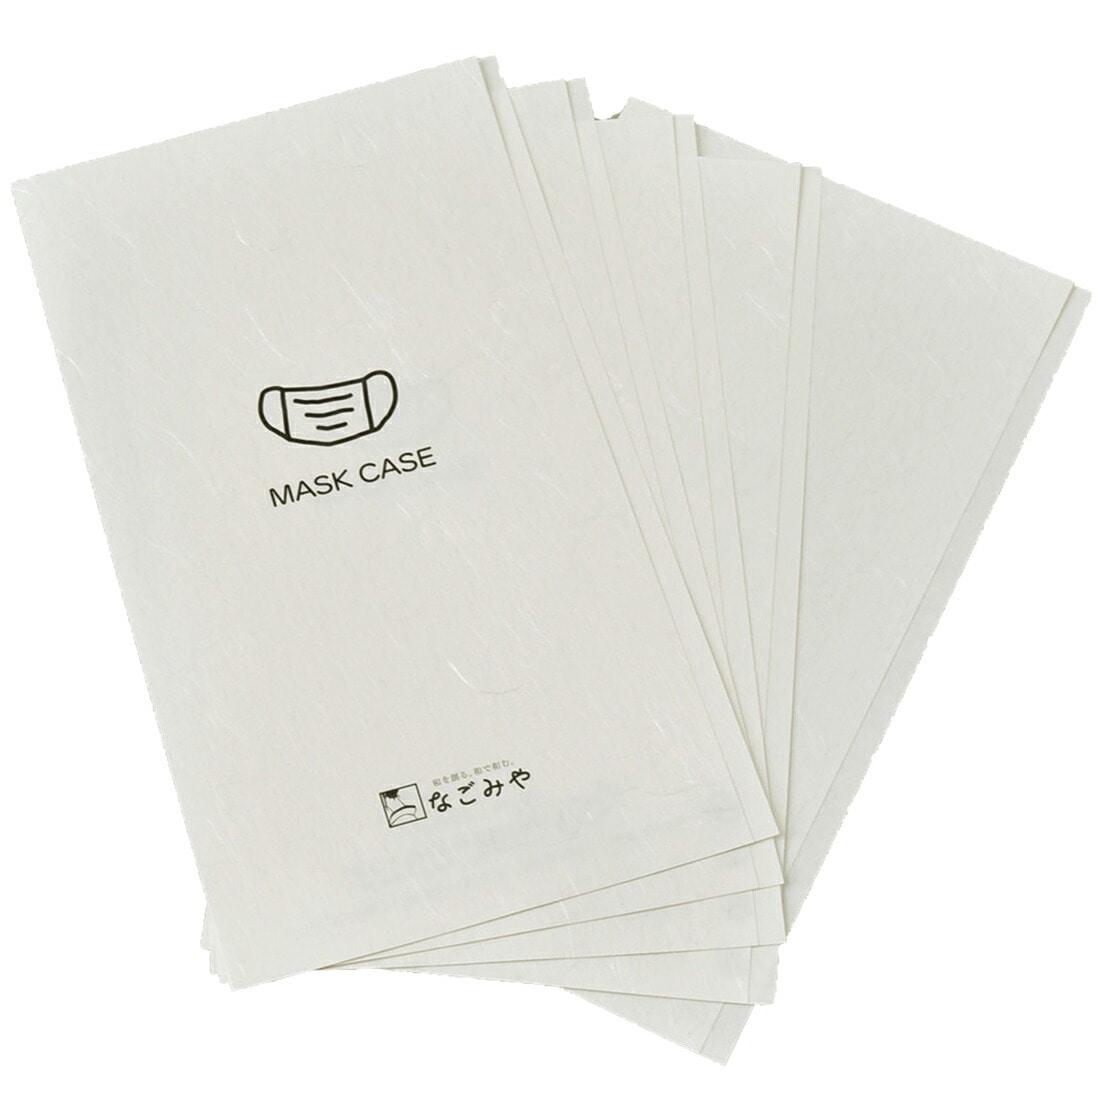 マスク ケース 持ち運び 日本製 なごみや 抗菌 雲竜 和紙 マスク収納ケース 5枚入 白 携帯用 たとう紙素材 仮置き 一時保管 おしゃれ 通年用 大人 子供 白【JS10】